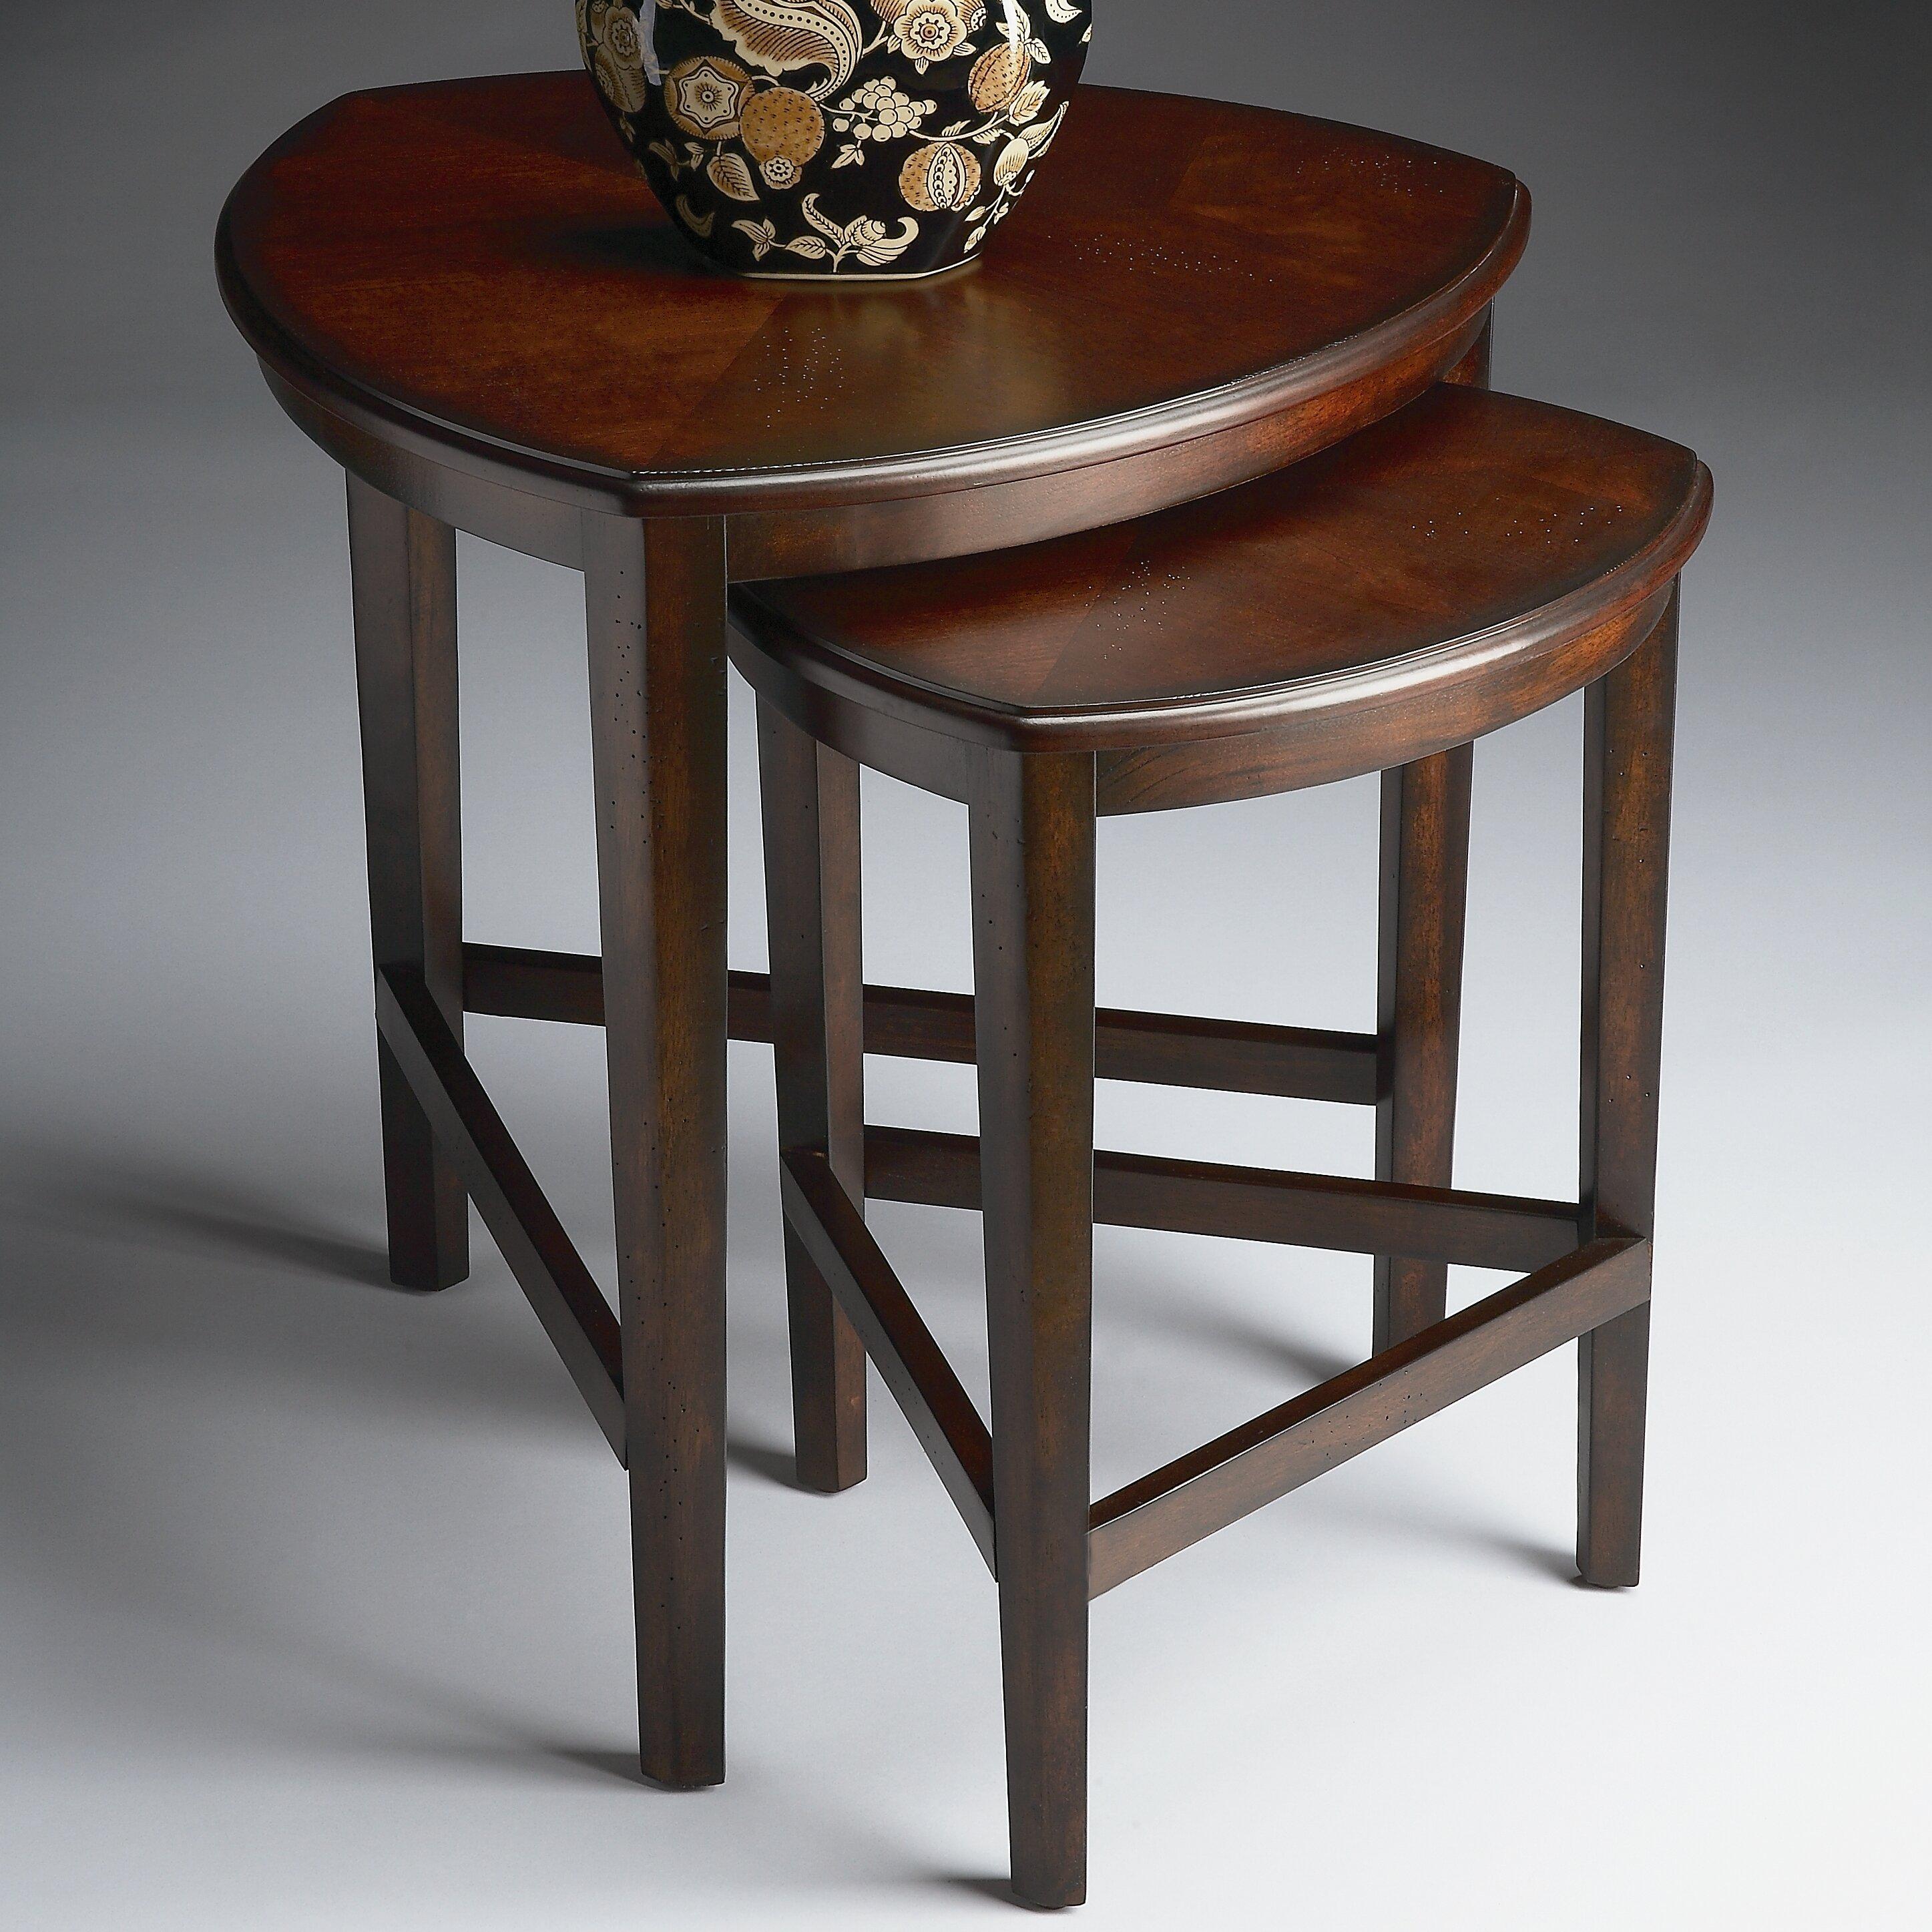 Butler Finnegan 2 Piece Nesting Tables & Reviews | Wayfair